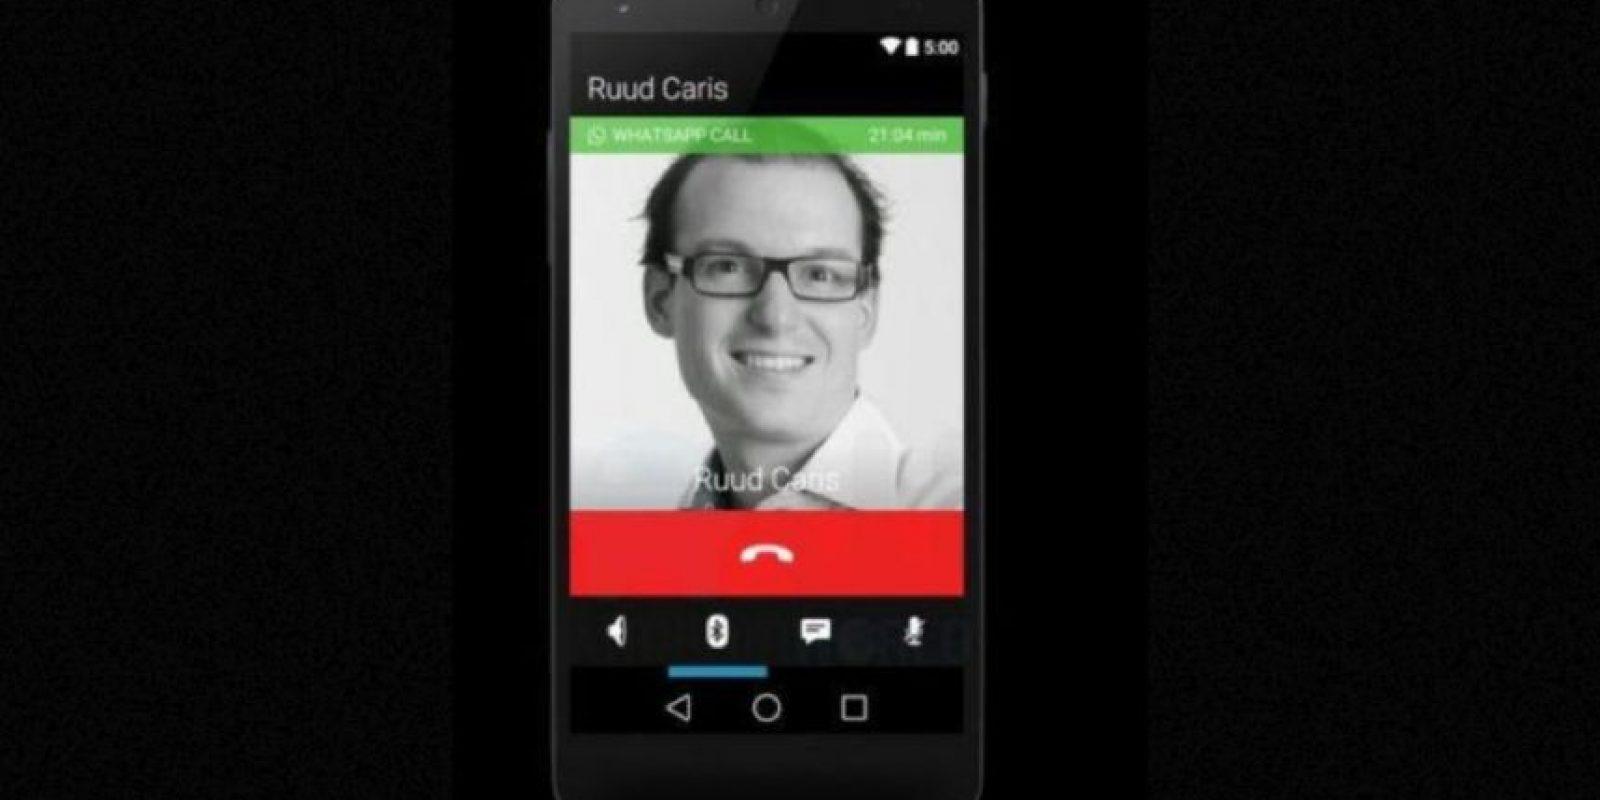 Llamadas a contactos por medio de Internet y sin costo. Por el momento solo disponibles en Android. Foto:Tumblr